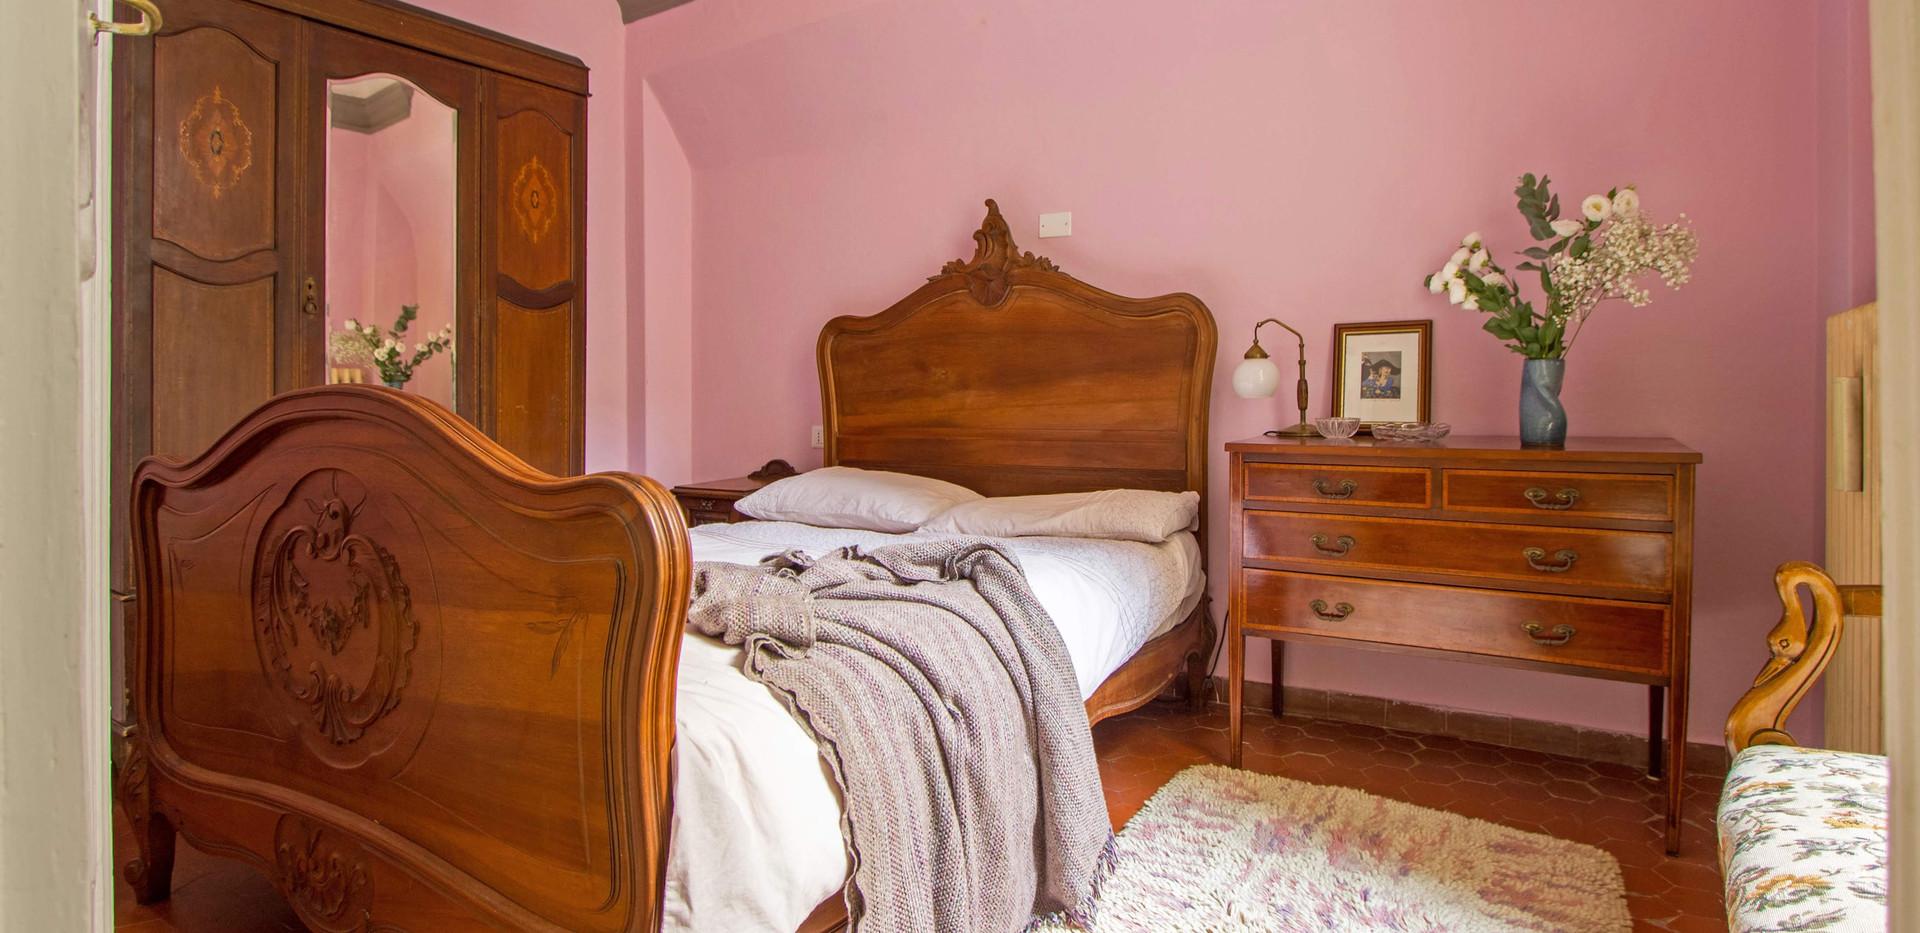 Lo scultore - Pontremoli - 2° Bedroom15.